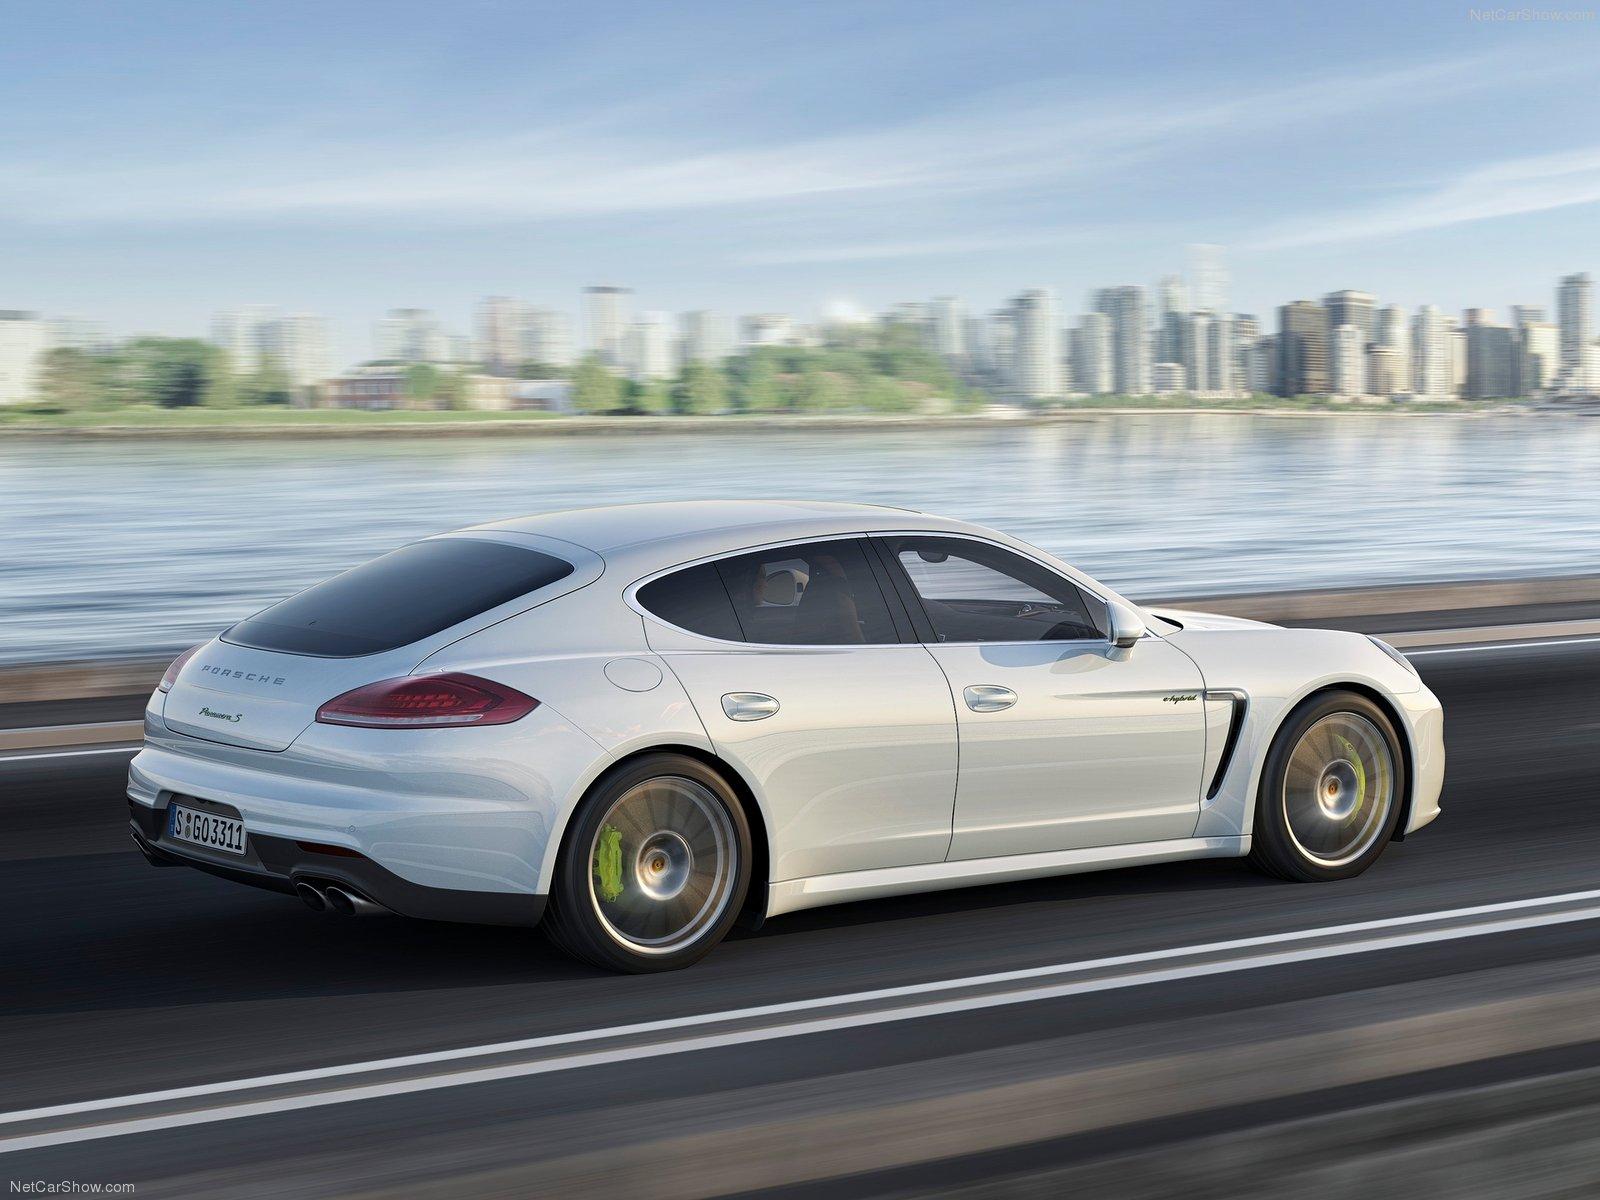 Porsche-Panamera_2014_1600x1200_wallpaper_0c